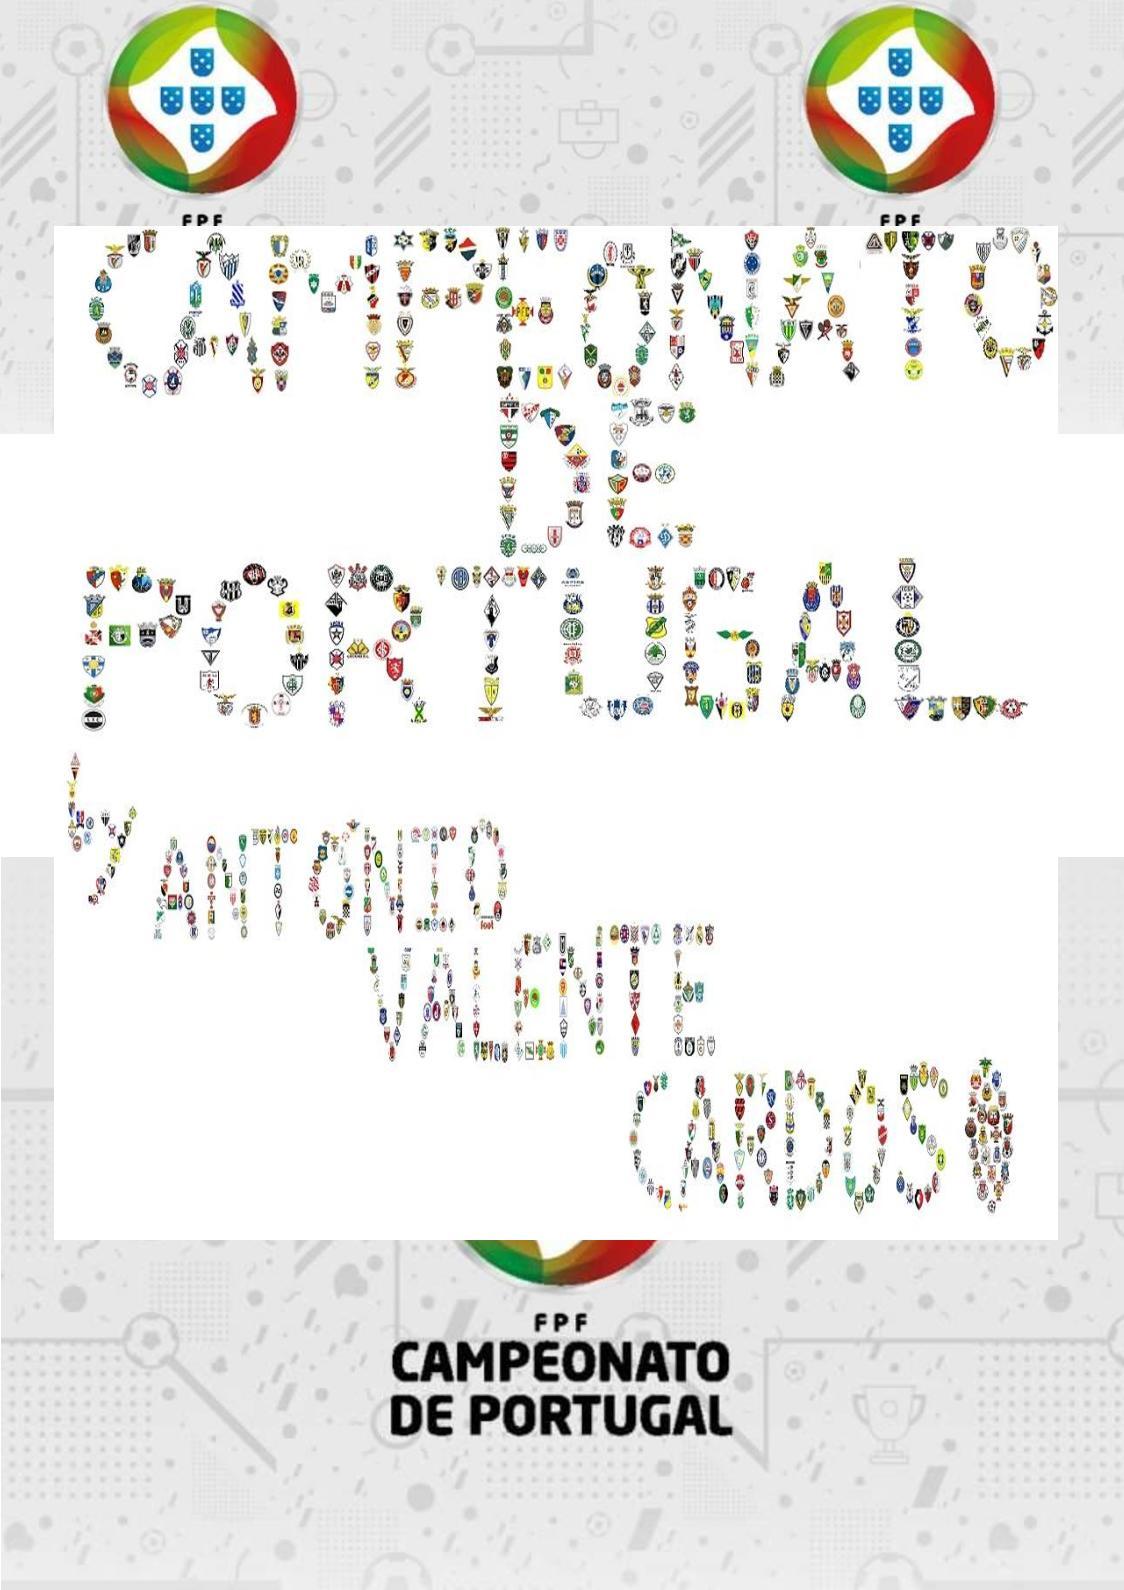 3f4e93fbc9b23 Calaméo - Campeonato De Portugal 1718